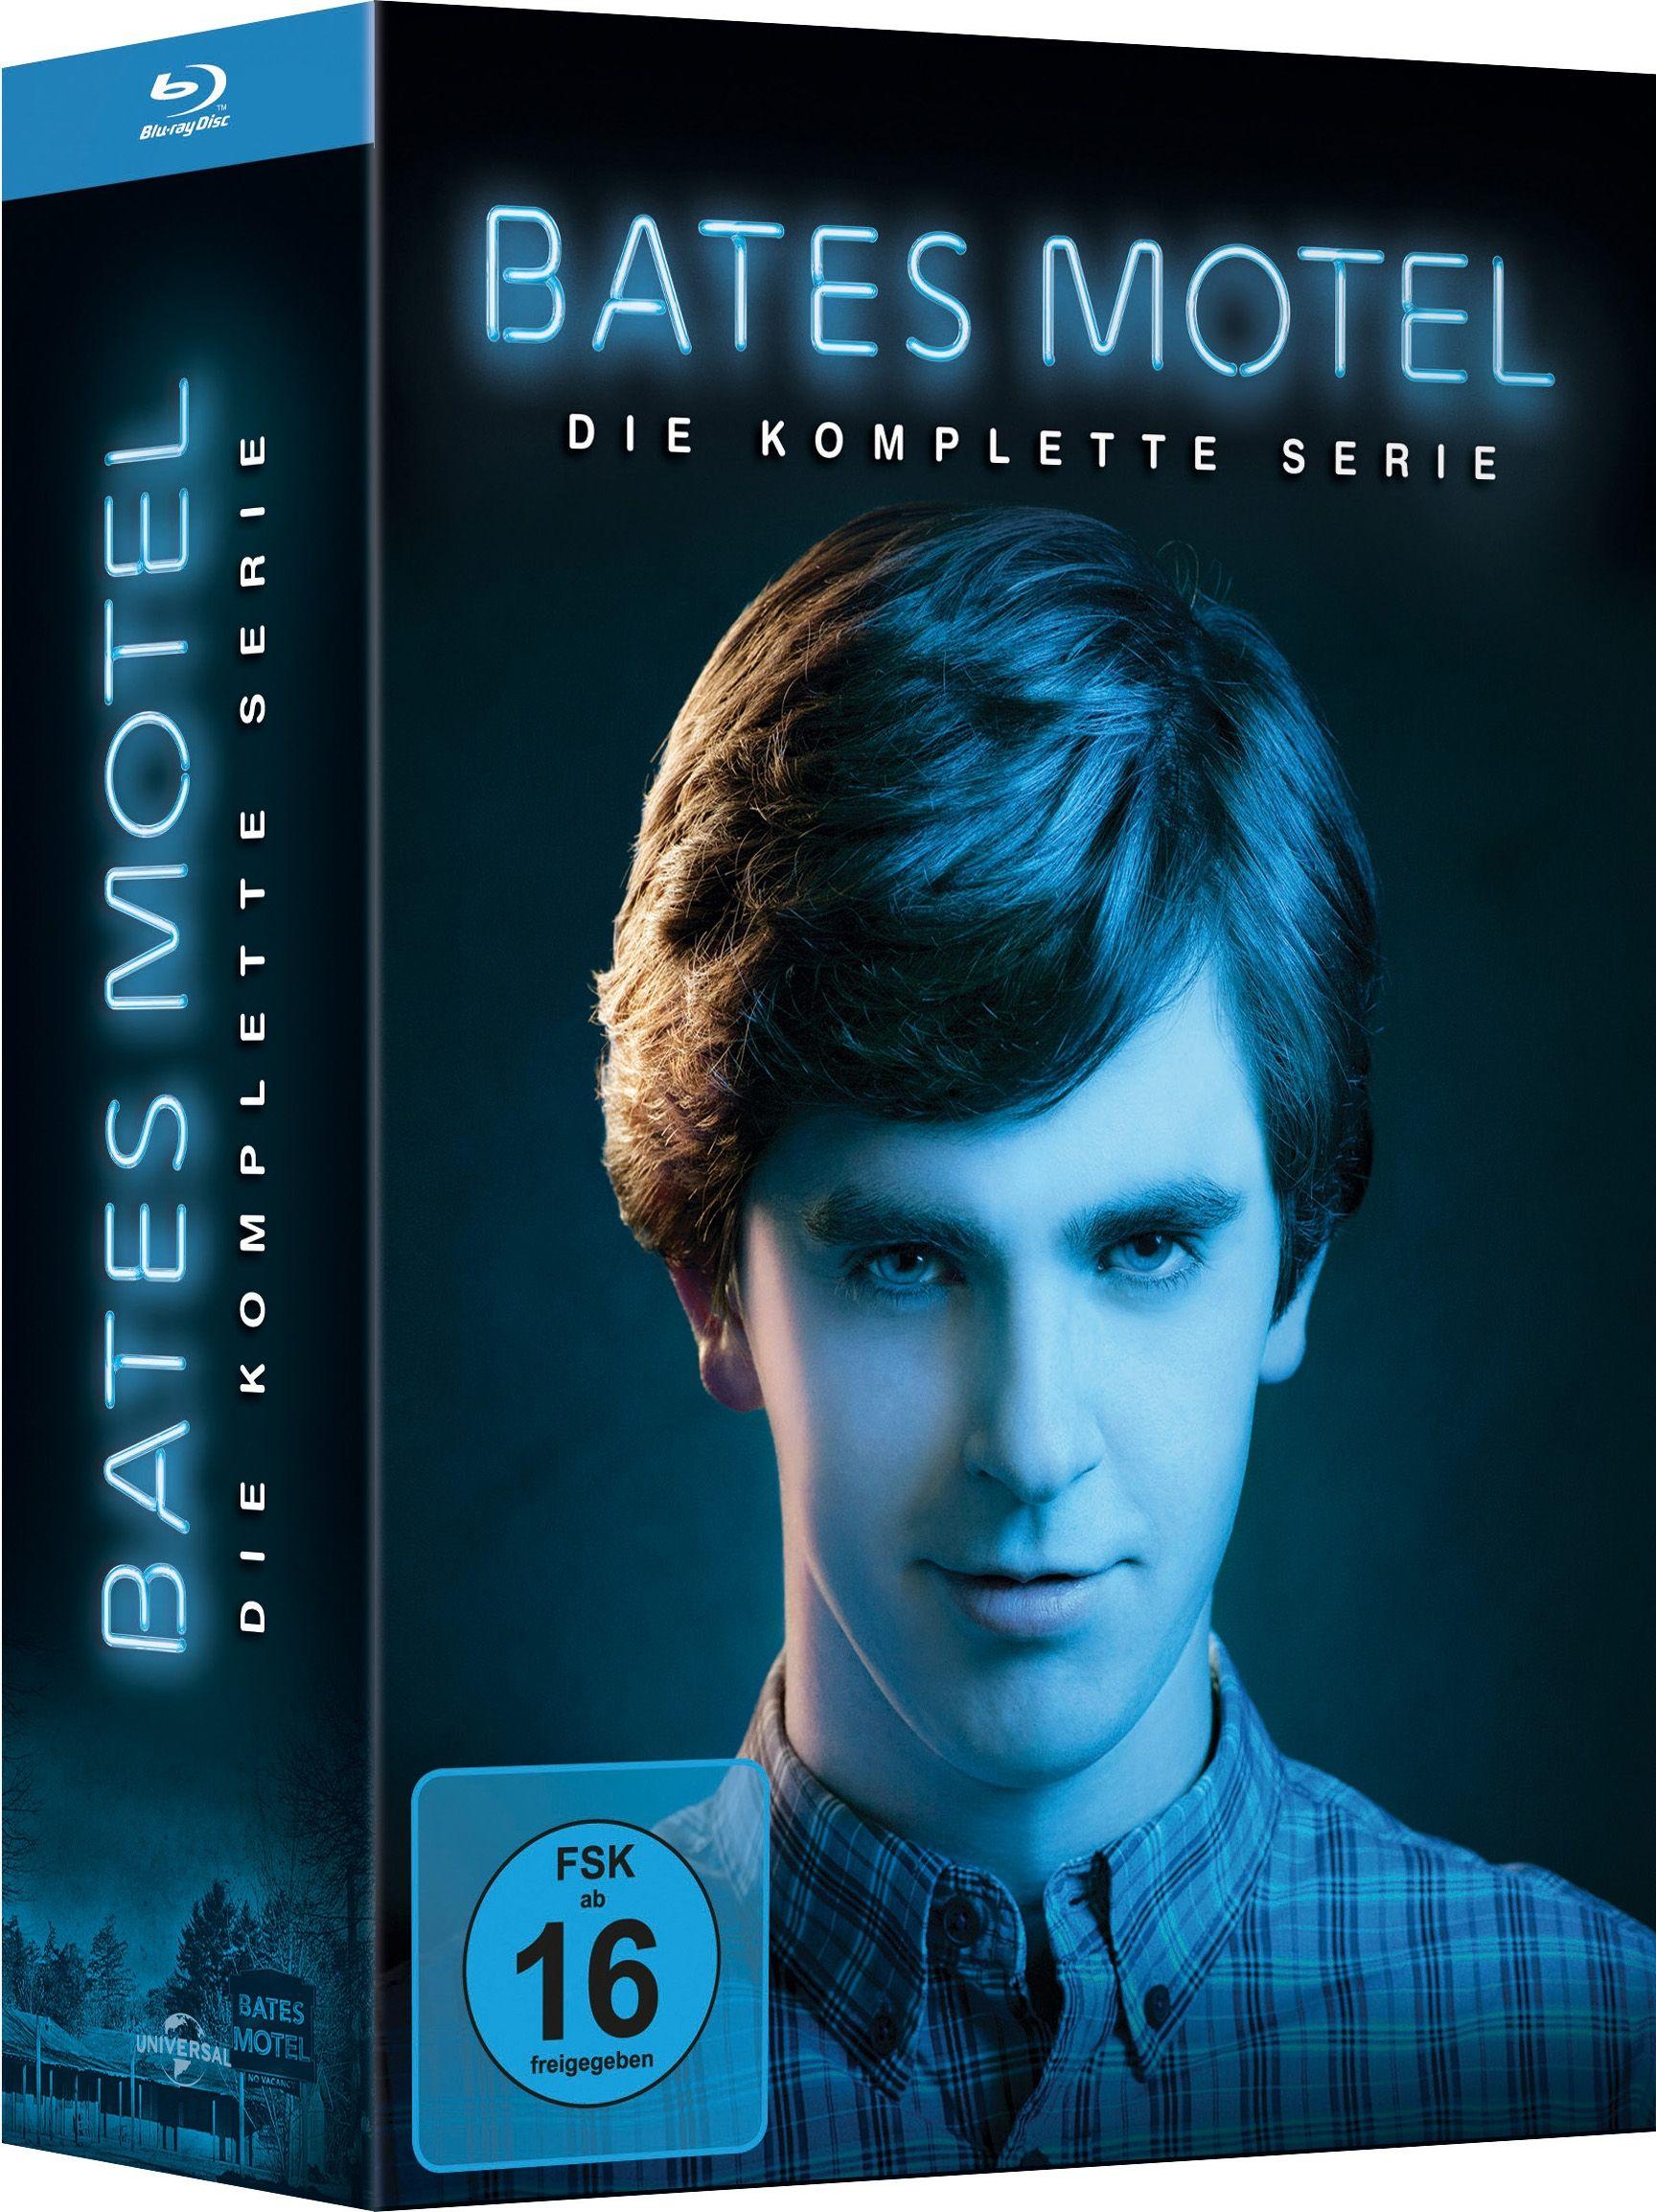 Bates Motel - Die komplette Serie (10 Discs) (BLURAY)